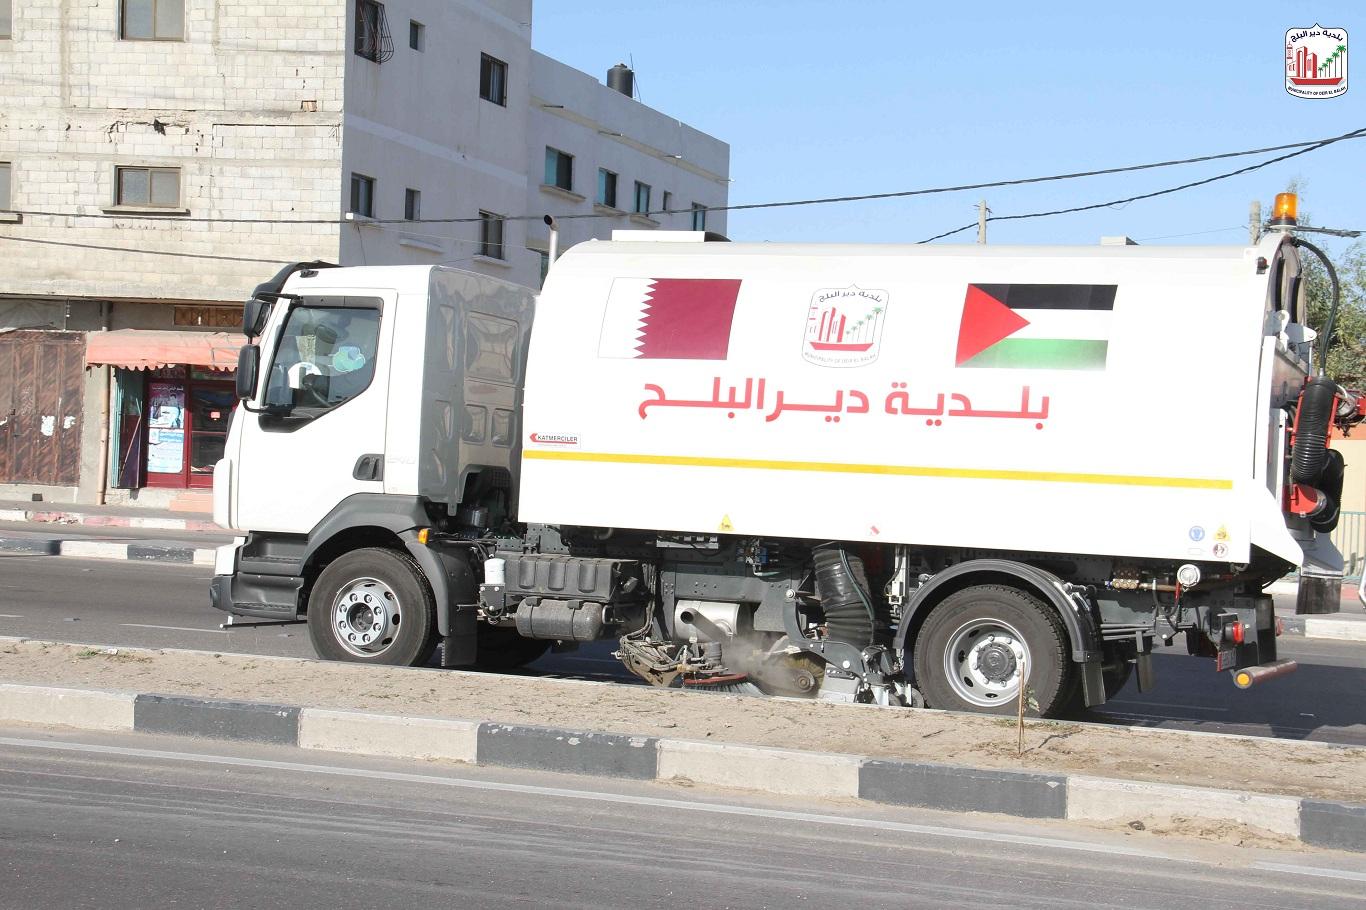 البدء باستخدام سيارة كنس الشوارع التي تم استلامها من لجنة الإعمار- قطر